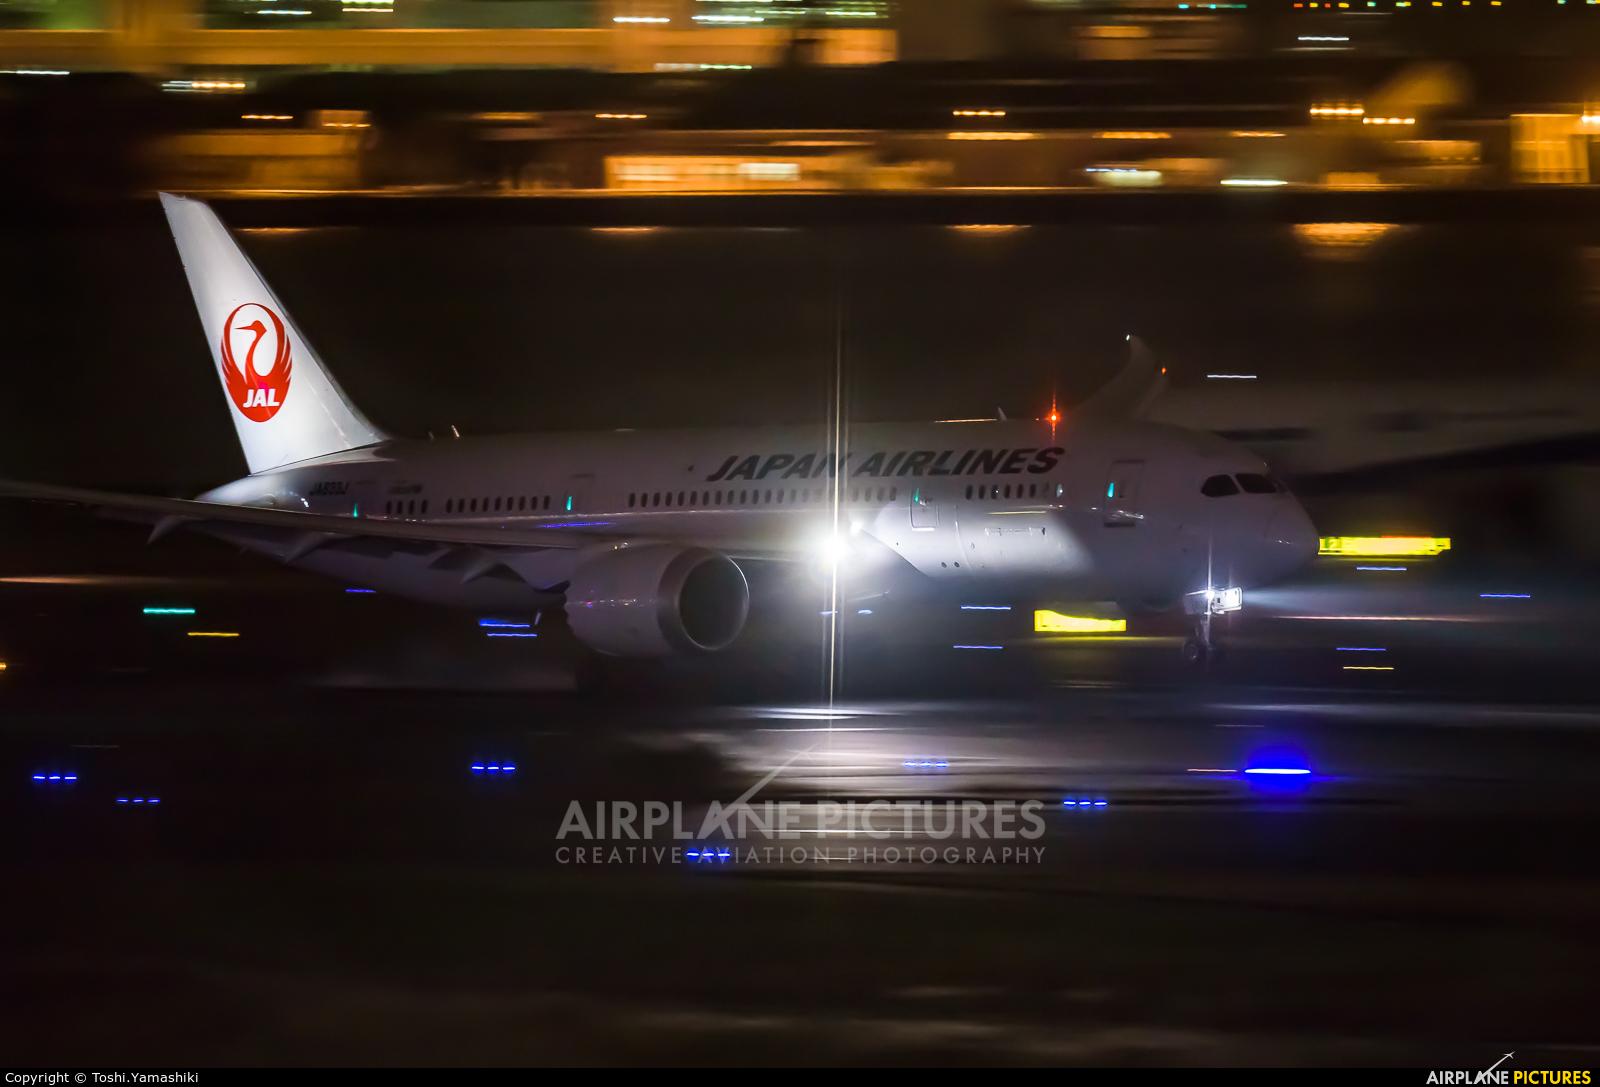 JAL - Japan Airlines JA833J aircraft at Tokyo - Haneda Intl